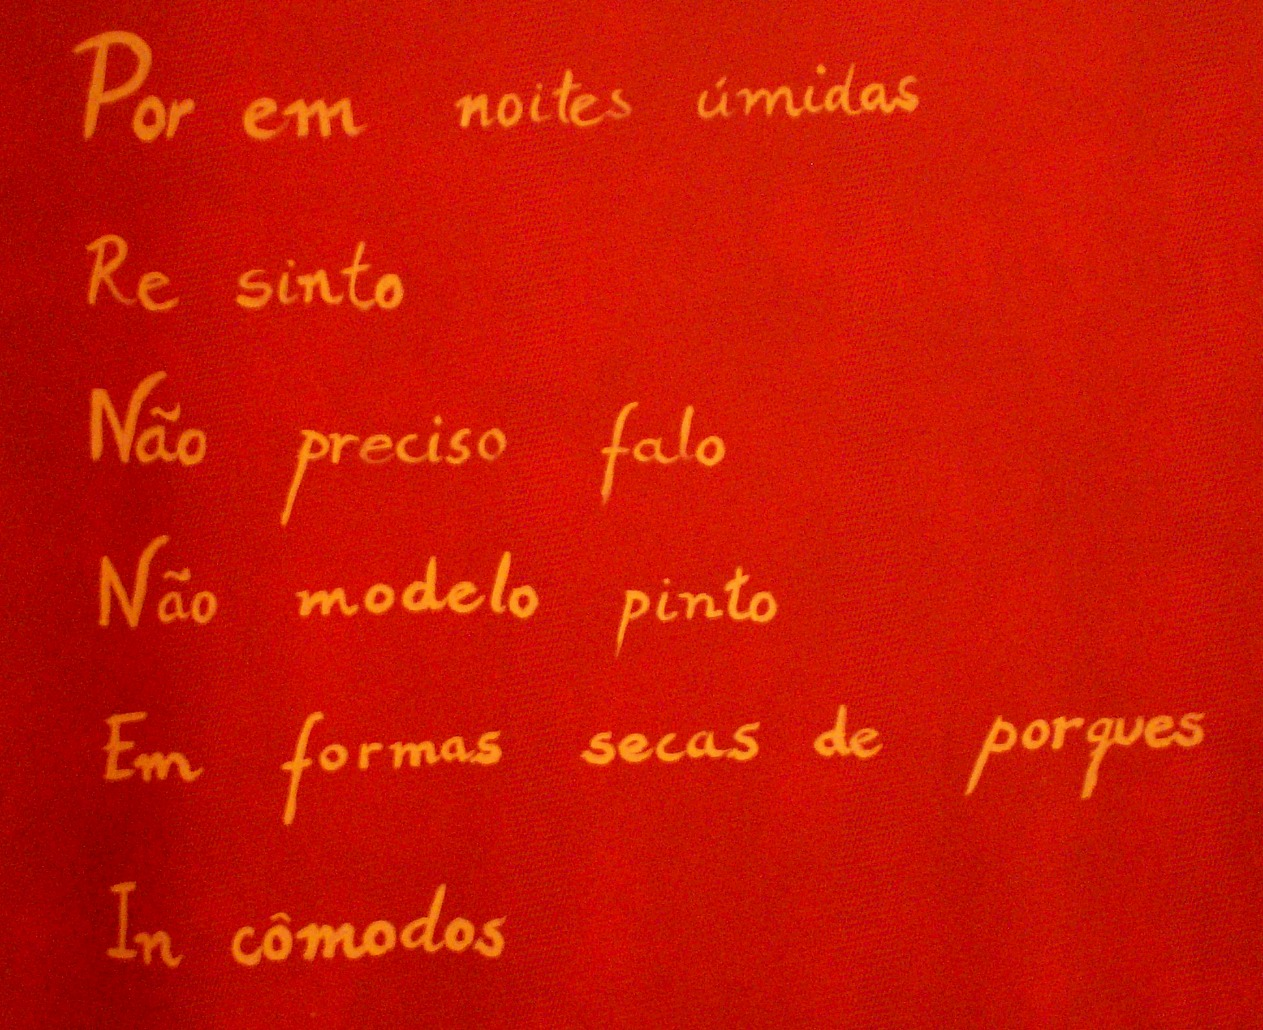 Encarna-Dores (detalhe)